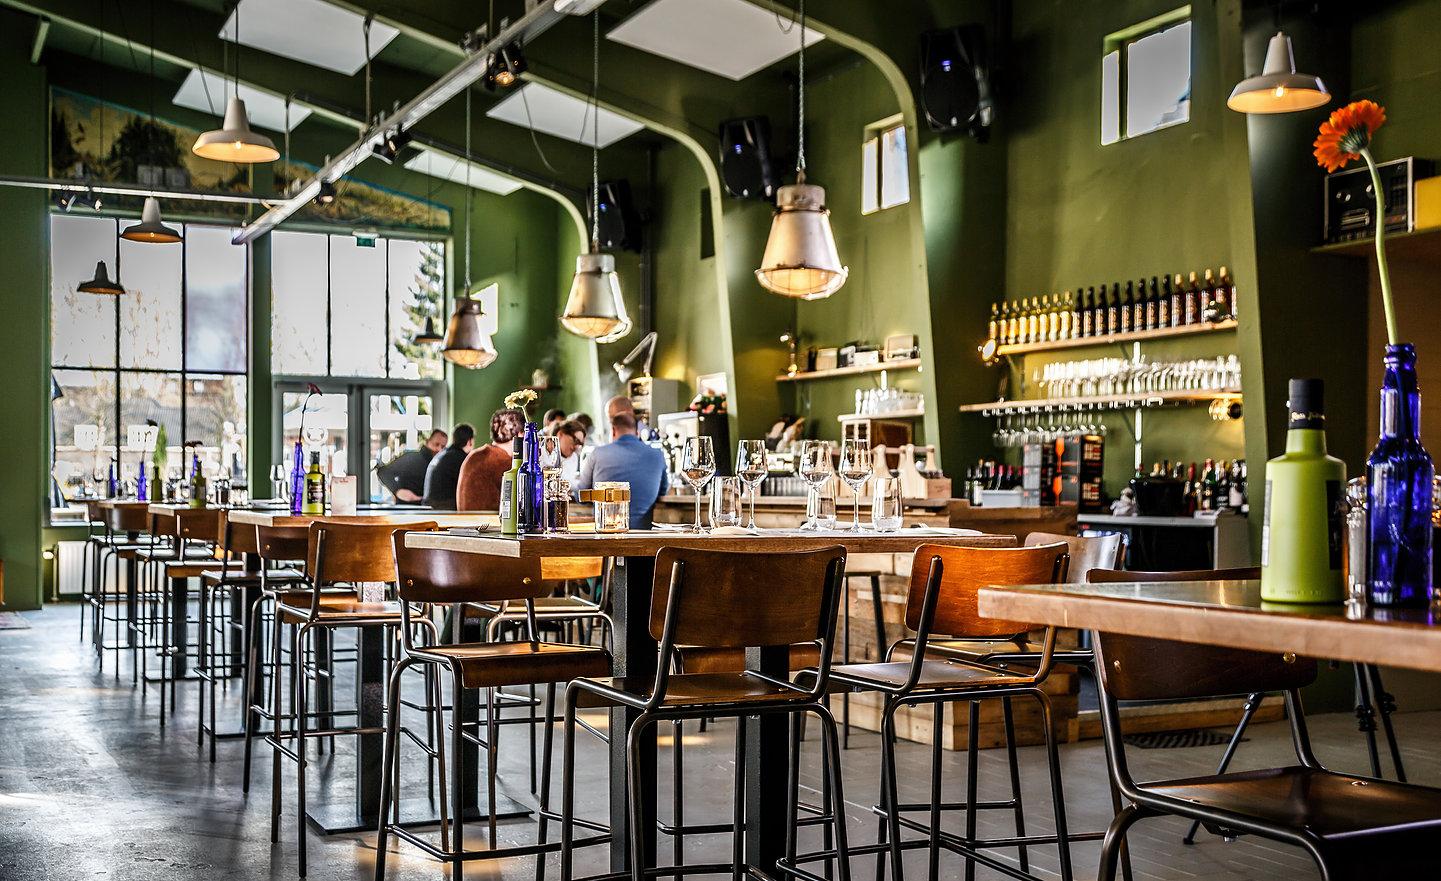 Tapijt eten en drinken Maastricht